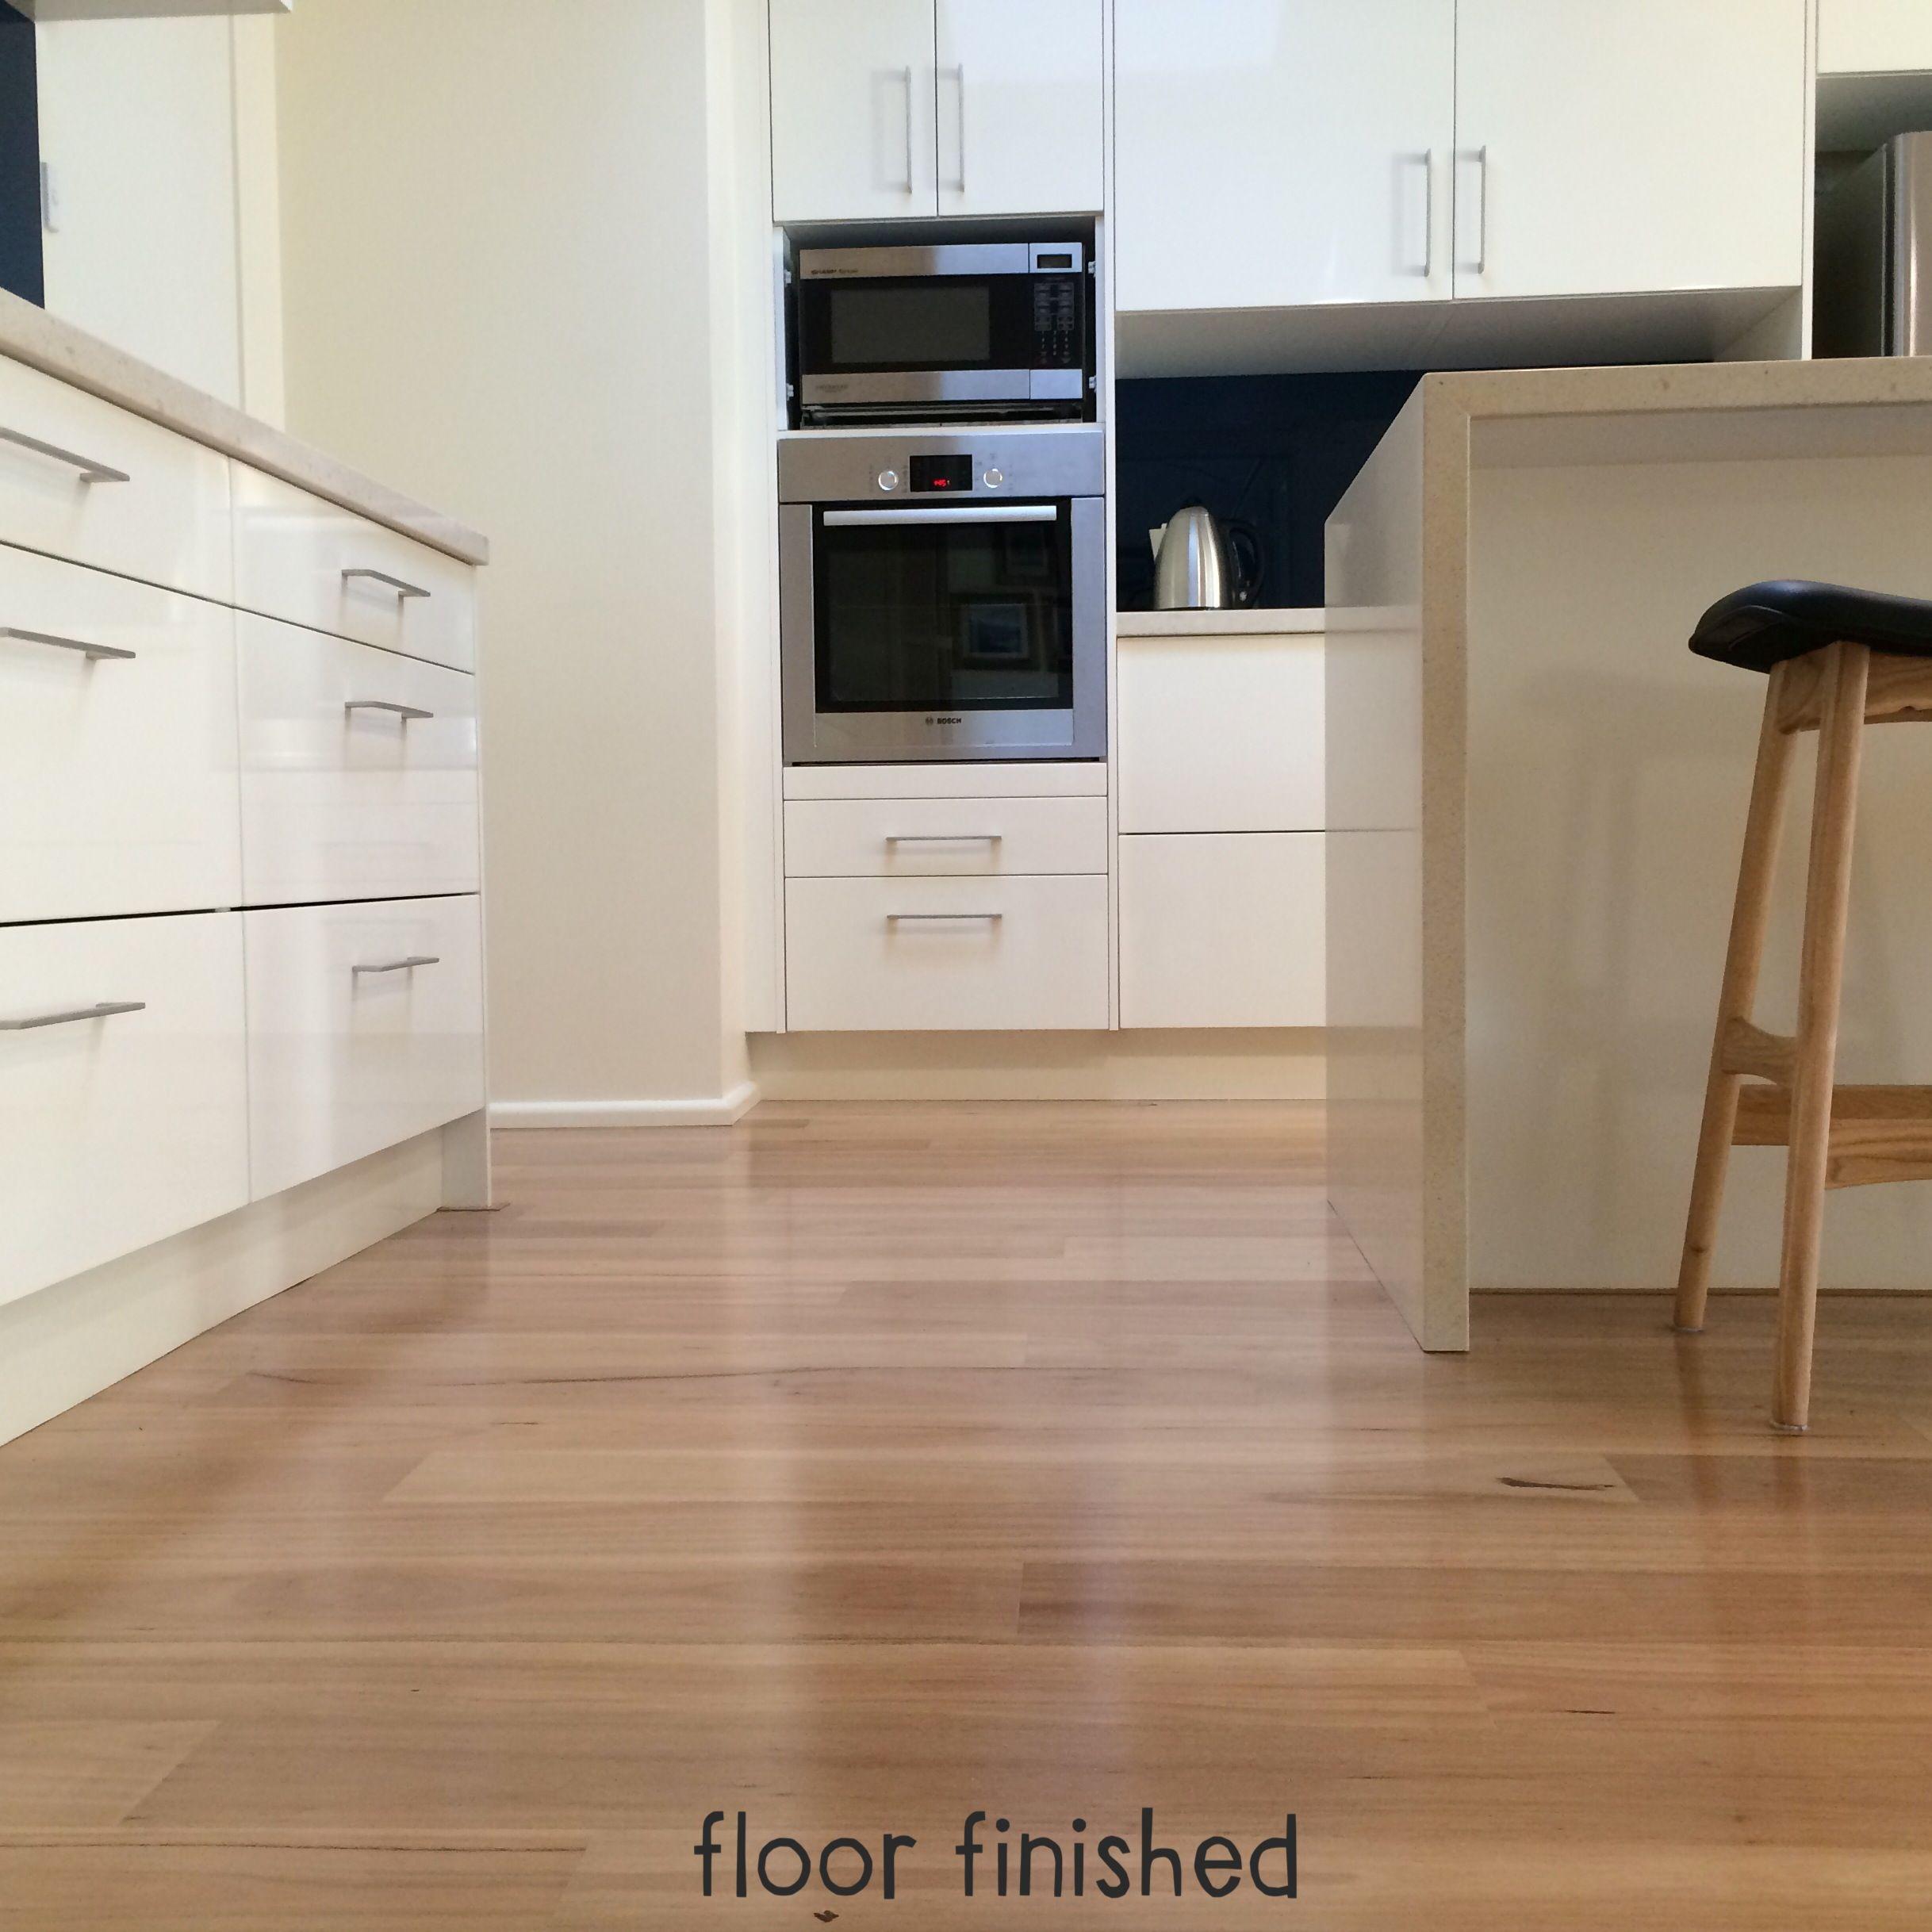 Flooded Kitchen Floor: Blackbutt Floors Finish Our New Kitchen. Fiona Moore